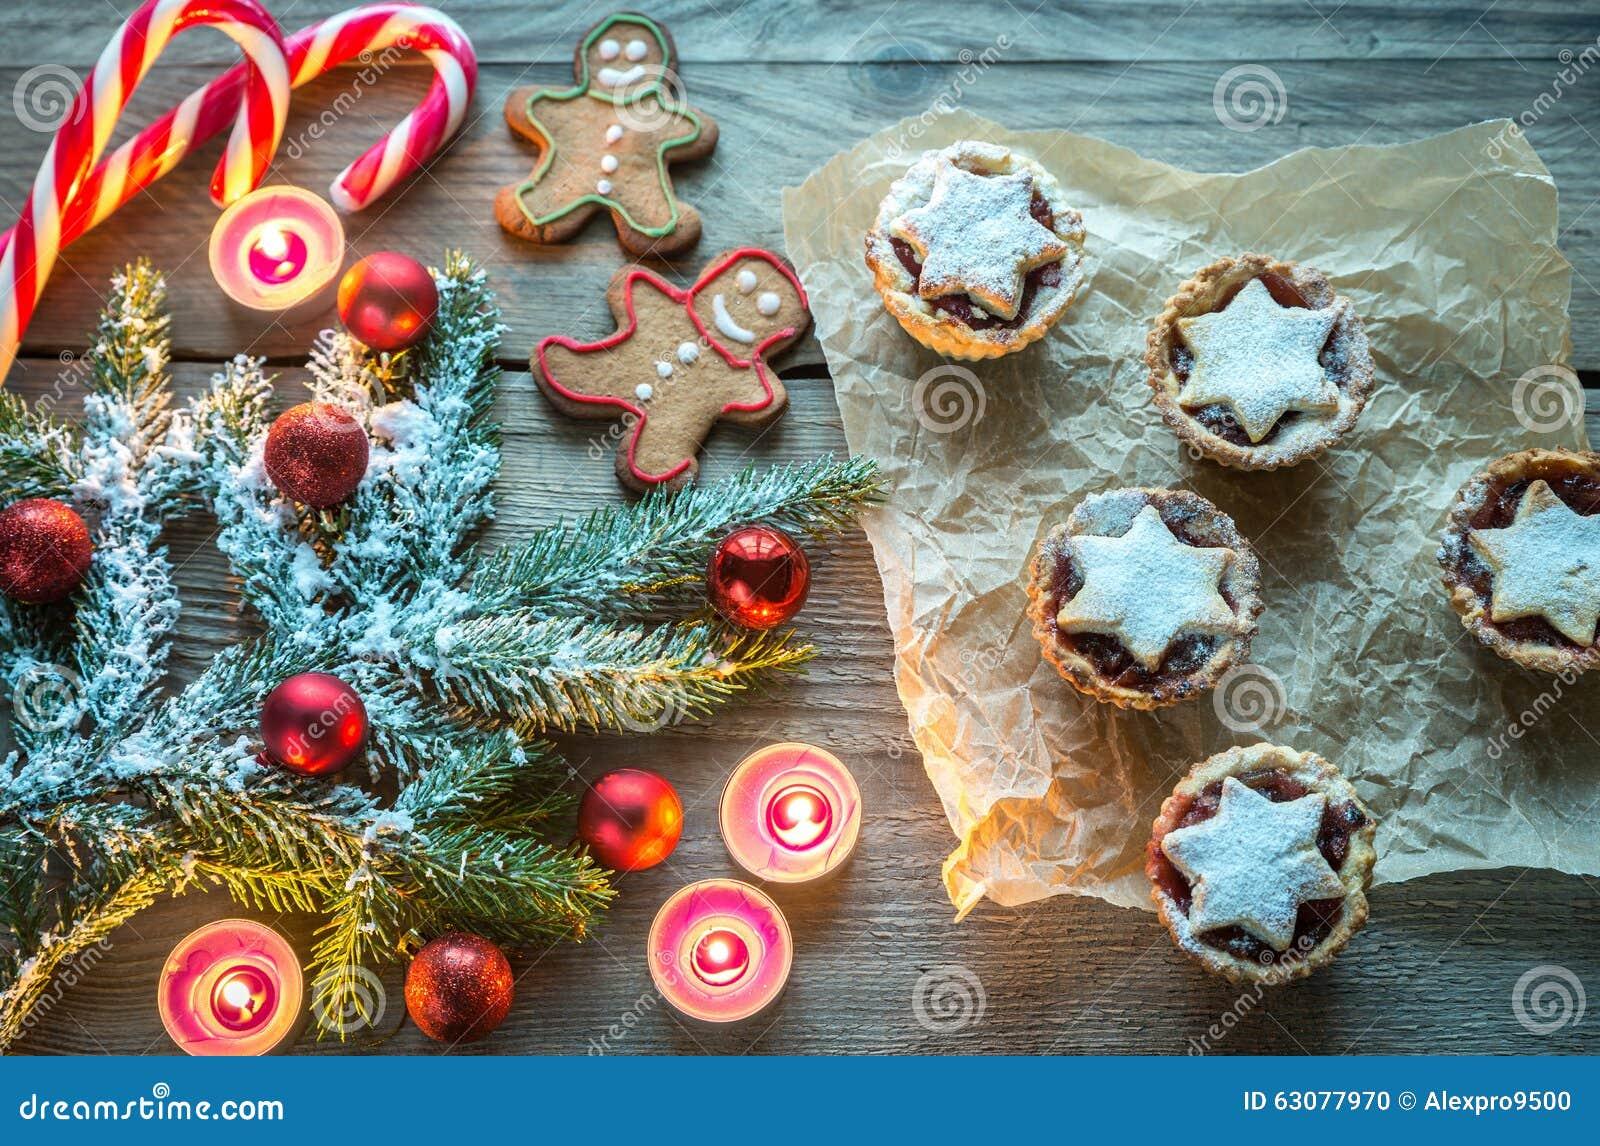 Download Branche D'arbre Décorée De Noël Avec La Pâtisserie De Vacances Photo stock - Image du canne, gingerbread: 63077970